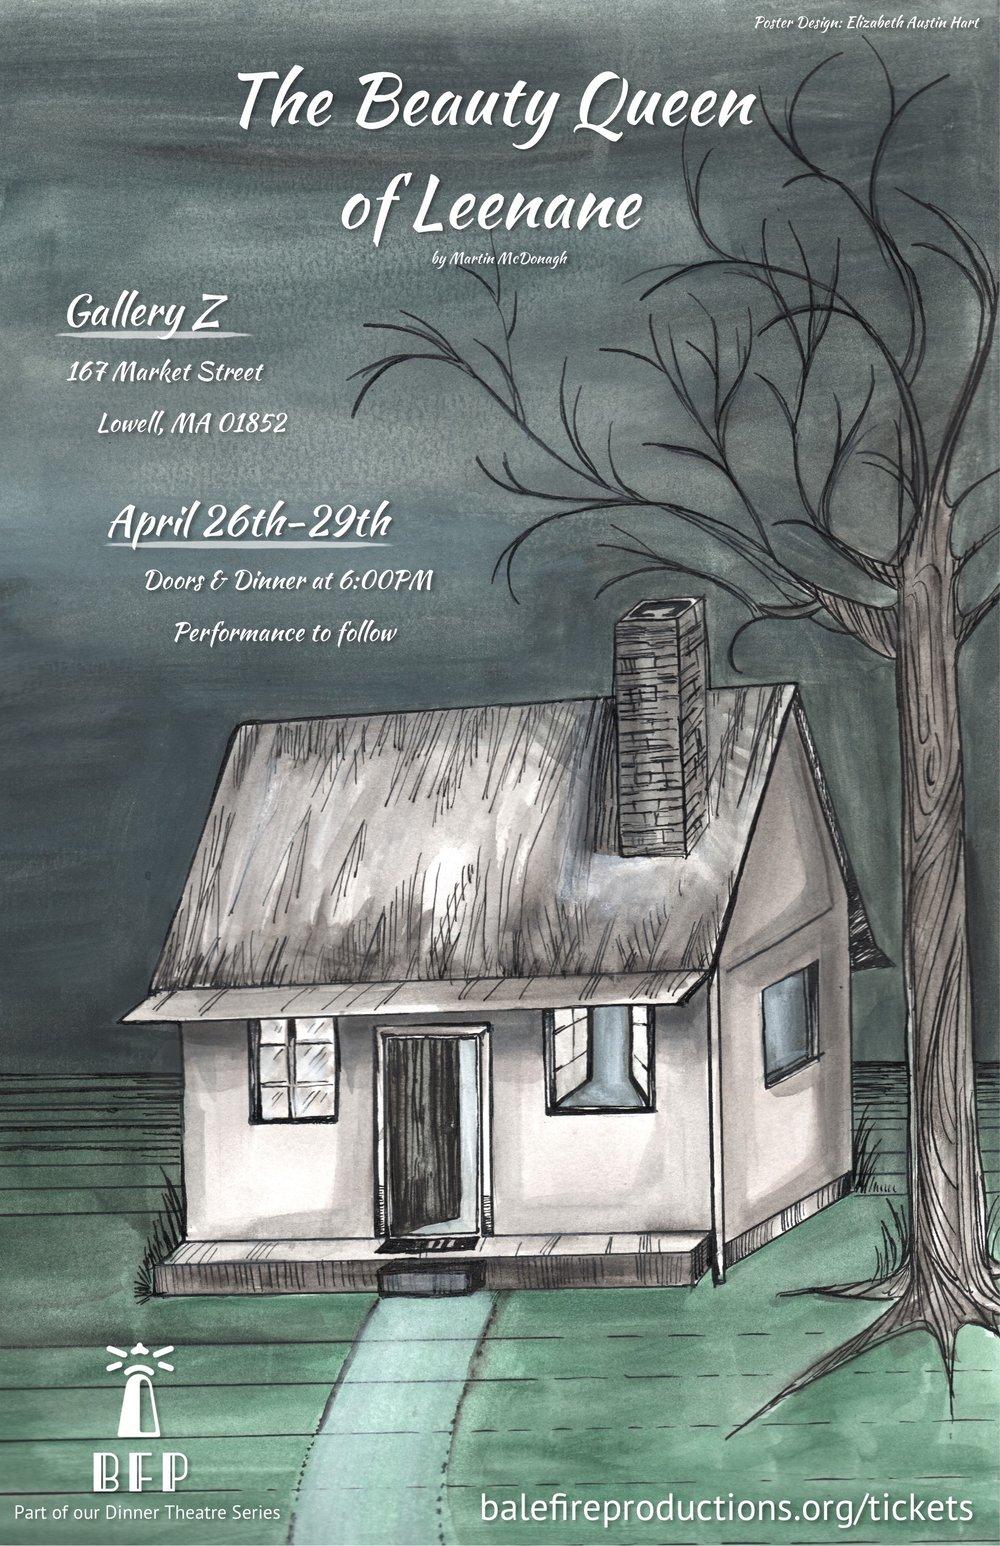 Poster Design: - Elizabeth Austin Hart